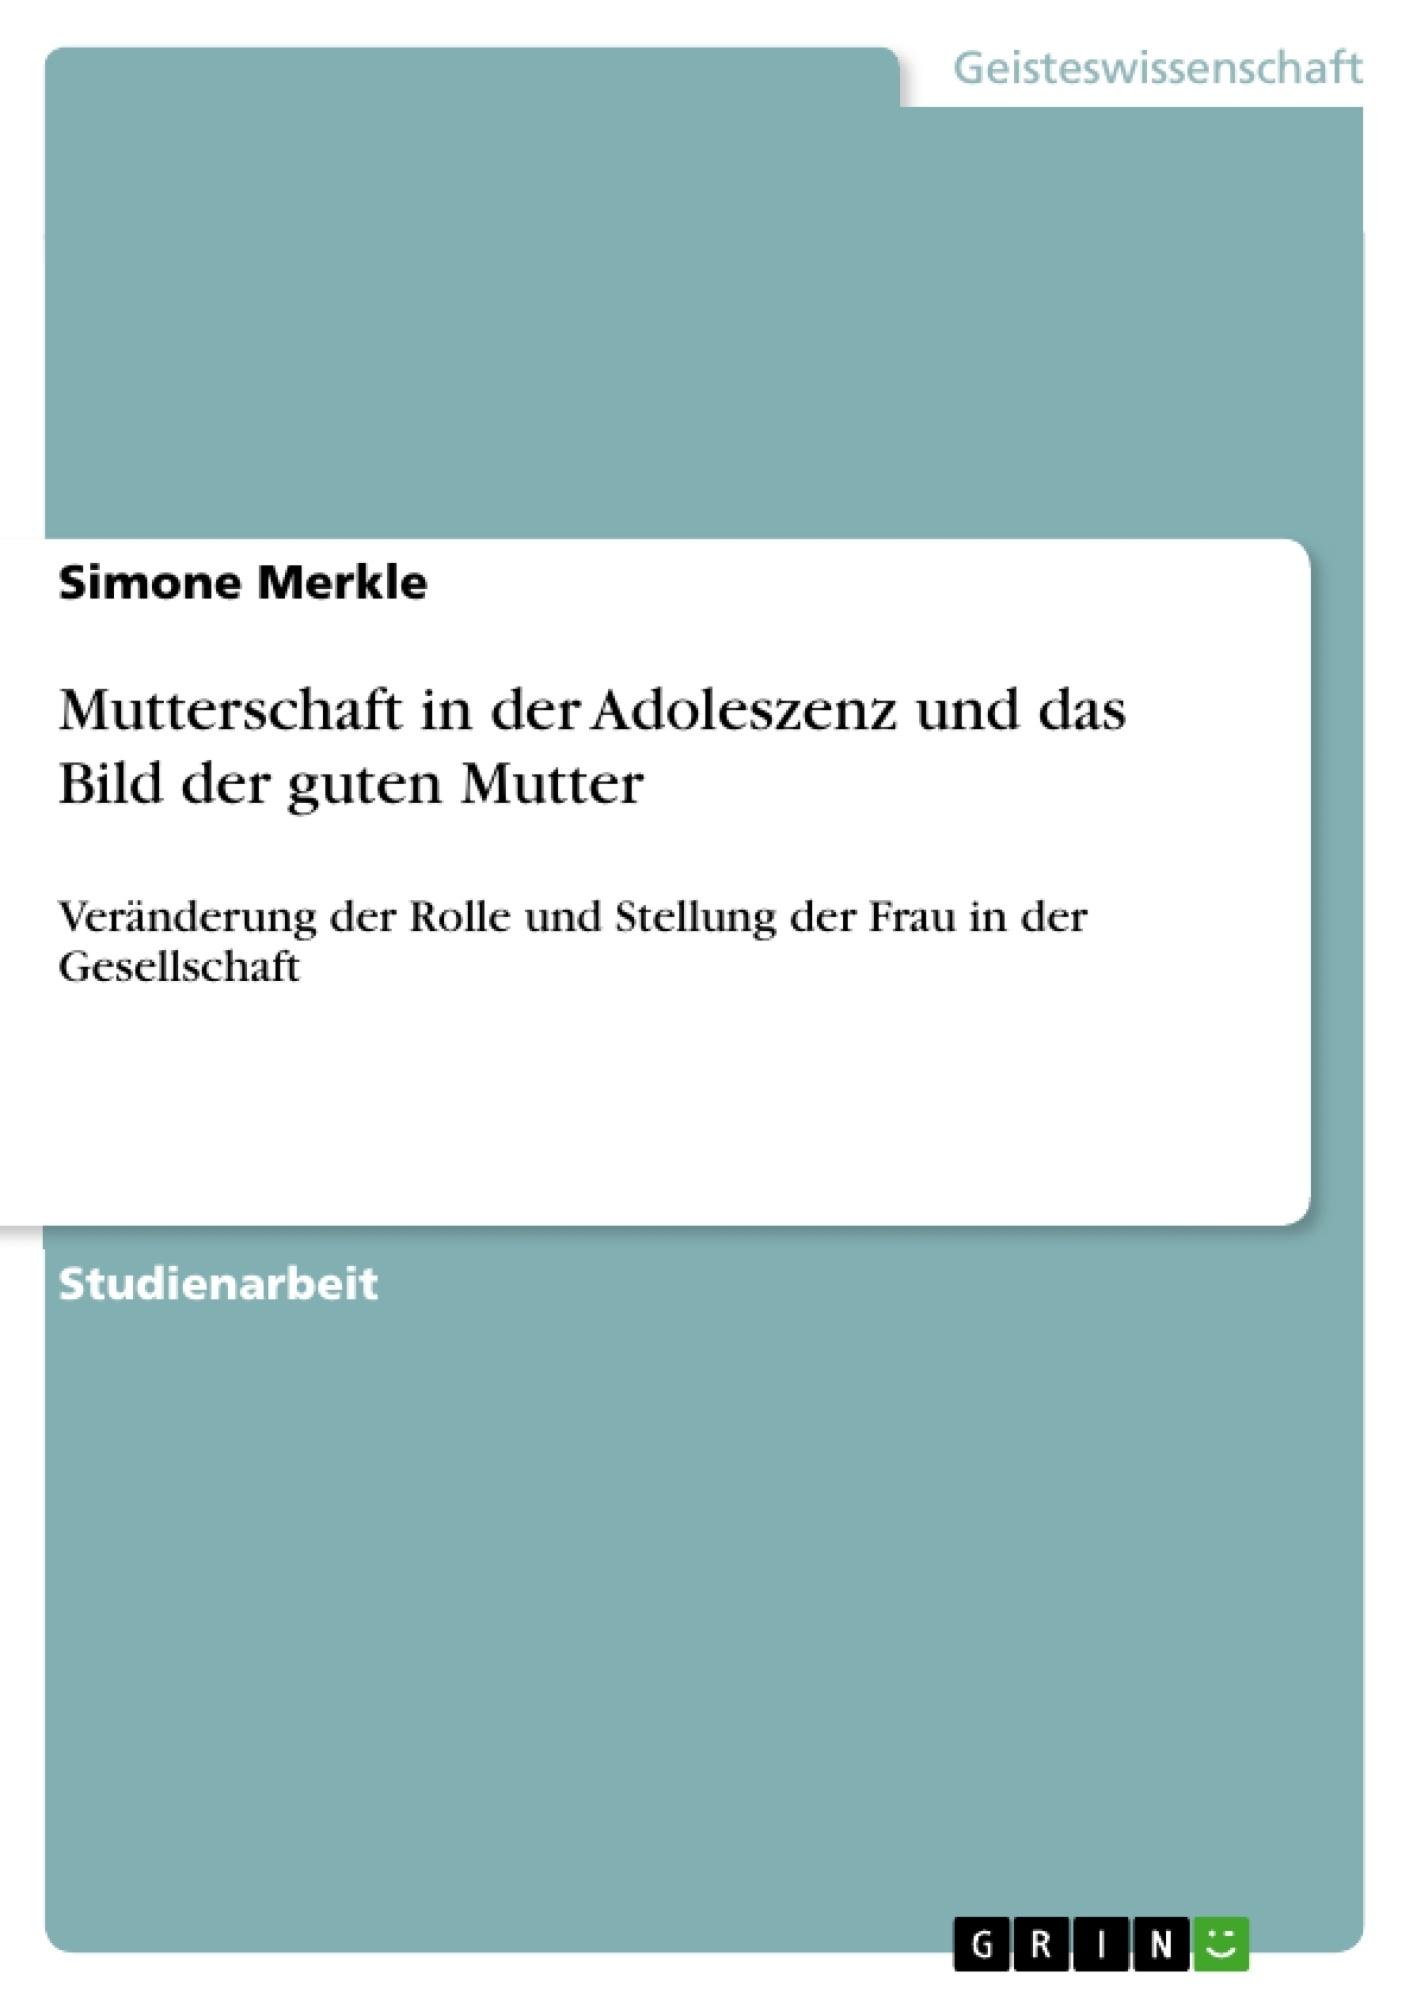 Titel: Mutterschaft in der Adoleszenz und das Bild der guten Mutter